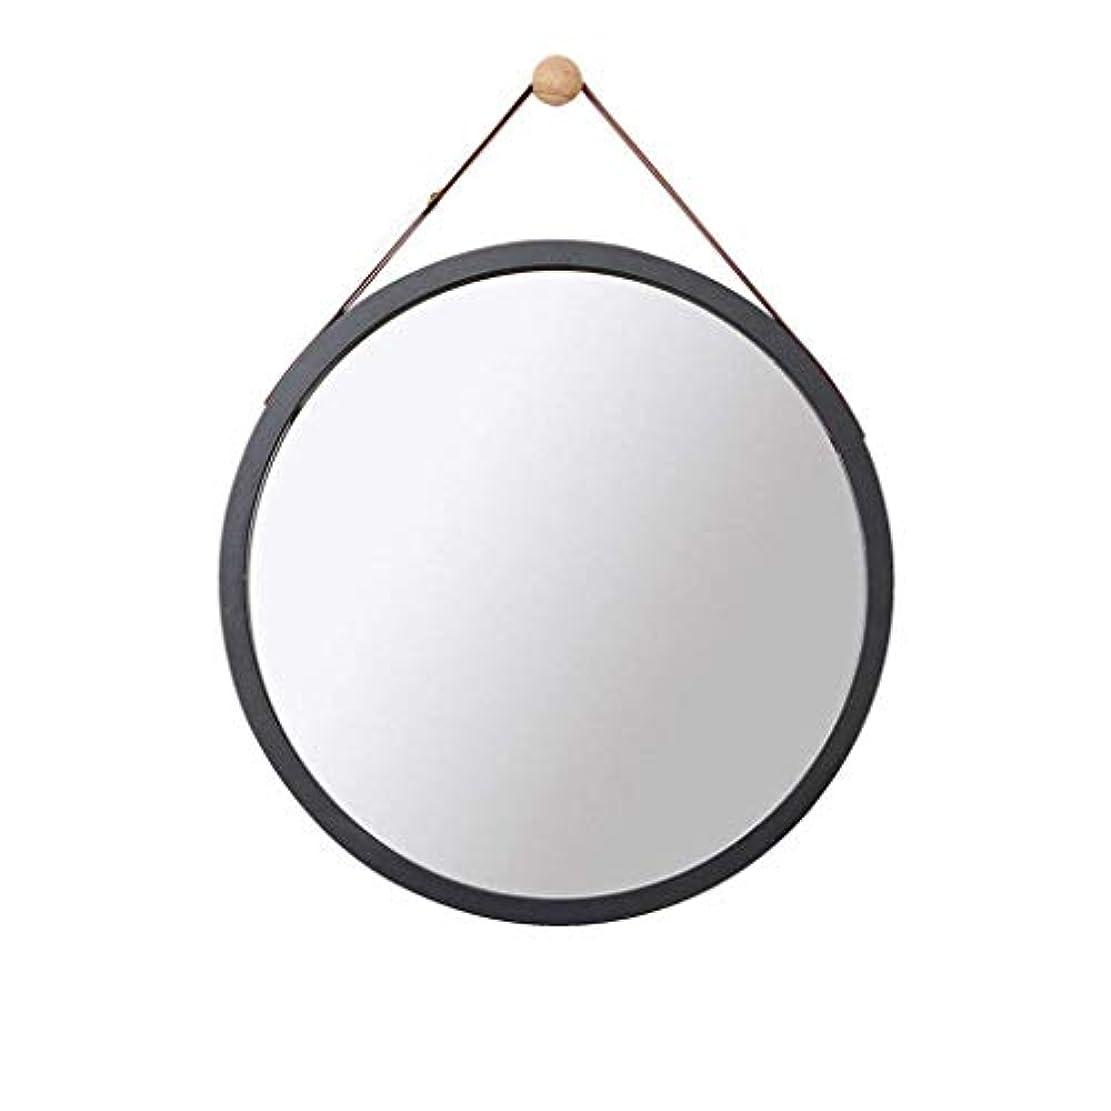 時期尚早モンゴメリーオリエンタルSelm 壁掛けミラー、壁掛けミラー、化粧鏡、バスルーム装飾、吊り鏡 (Color : Black, Size : 45CM)